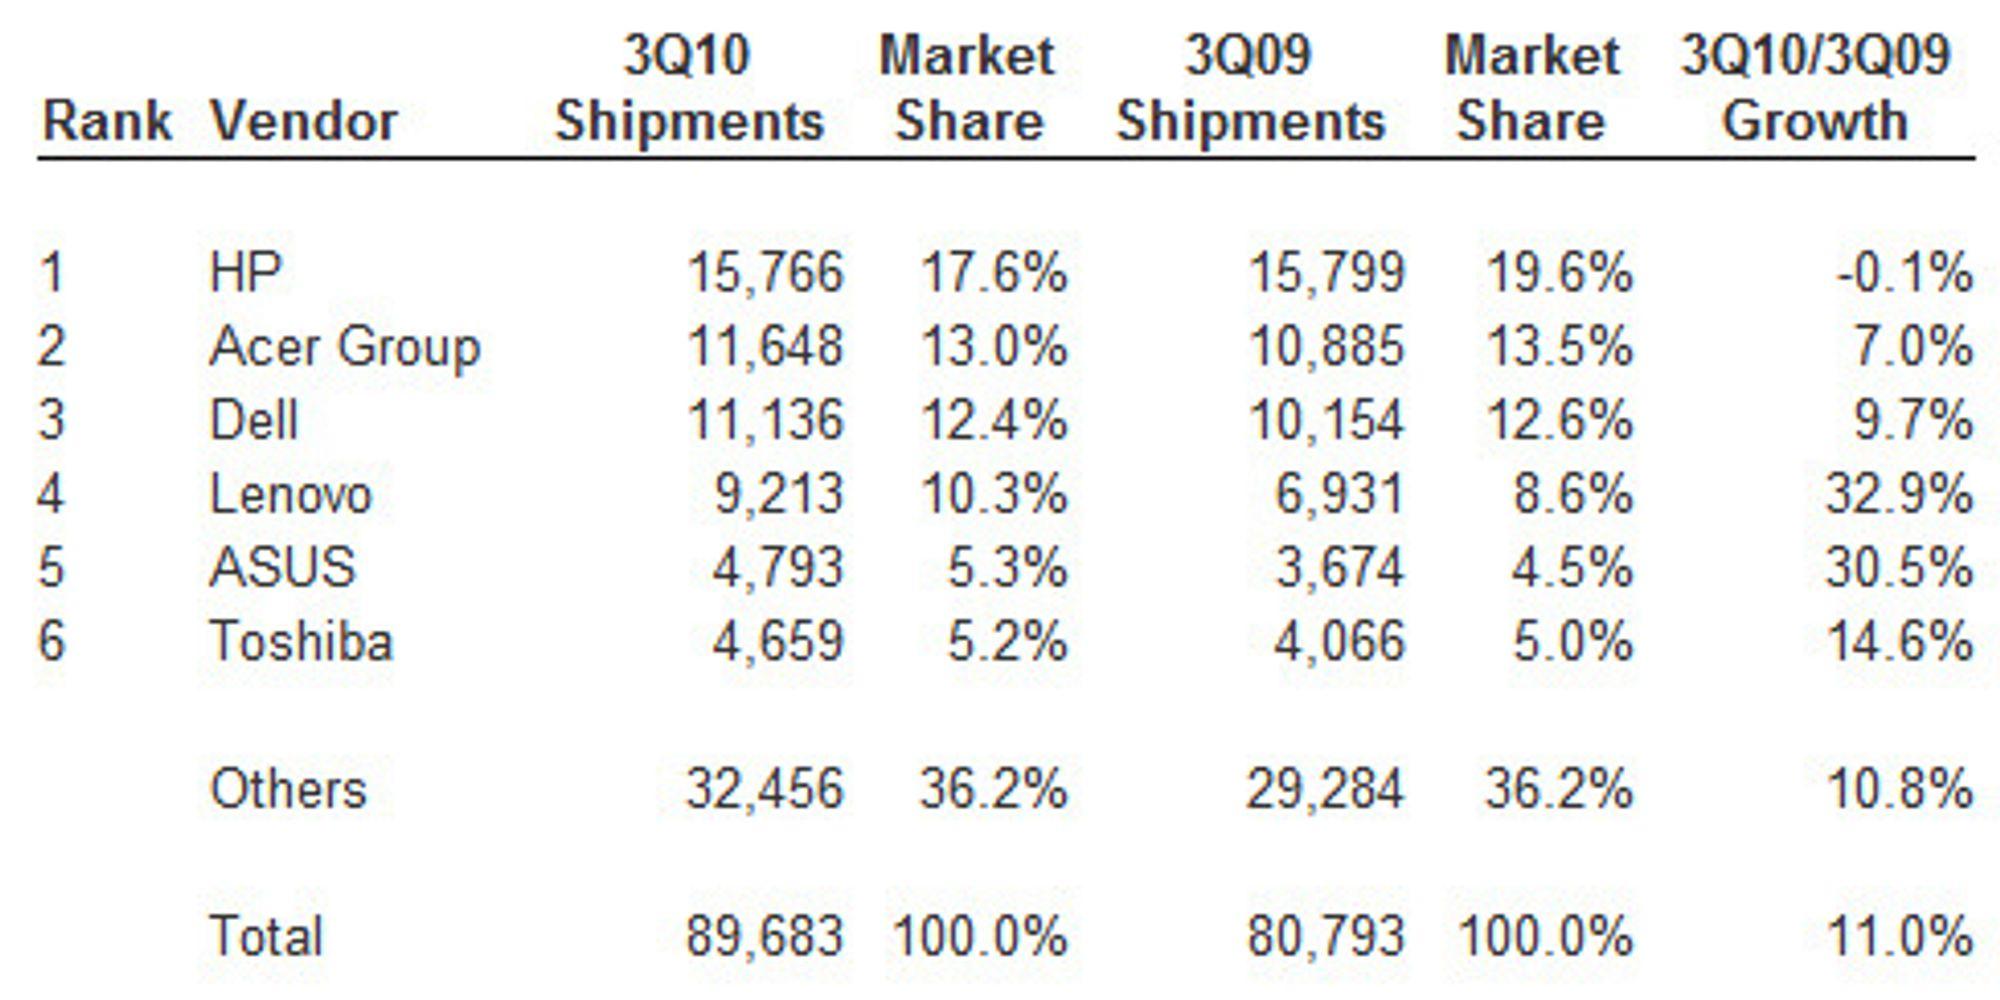 De seks største leverandørene av pc-er globalt i tredje kvartal av 2010. Salgstallene er oppgitt i antallet tusen leverte pc-er.